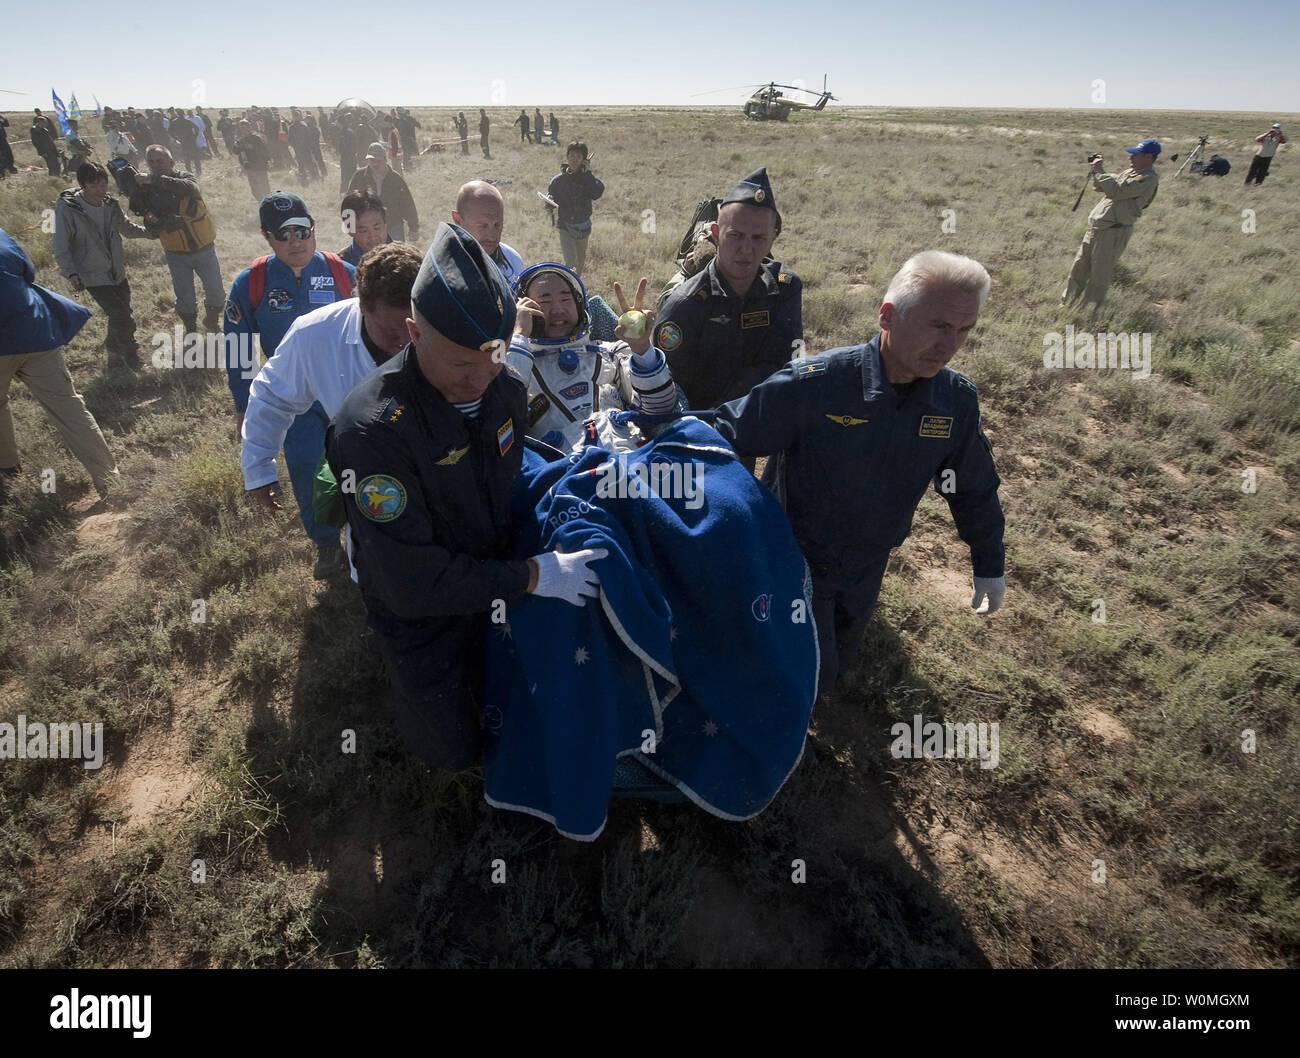 L'ingénieur de vol de l'expédition 23 Soichi Noguchi est effectué sur une chaise à la tente médicale à quelques minutes après lui et d'autres membres d'équipage T.J. Creamer et commandant Oleg Kotov a atterri dans leur capsule Soyouz TMA-17 près de la ville de Zhezkazgan, le Kazakhstan le 2 juin 2010. L'astronaute de la NASA Creamer, le cosmonaute russe Kotov et astronaute japonais Noguchi sont de retour de six mois à bord de la Station spatiale internationale où ils ont servi en tant que membres de l'Expédition 22 et 23 équipes. UPI//Bill Ingalls/NASA Photo Stock